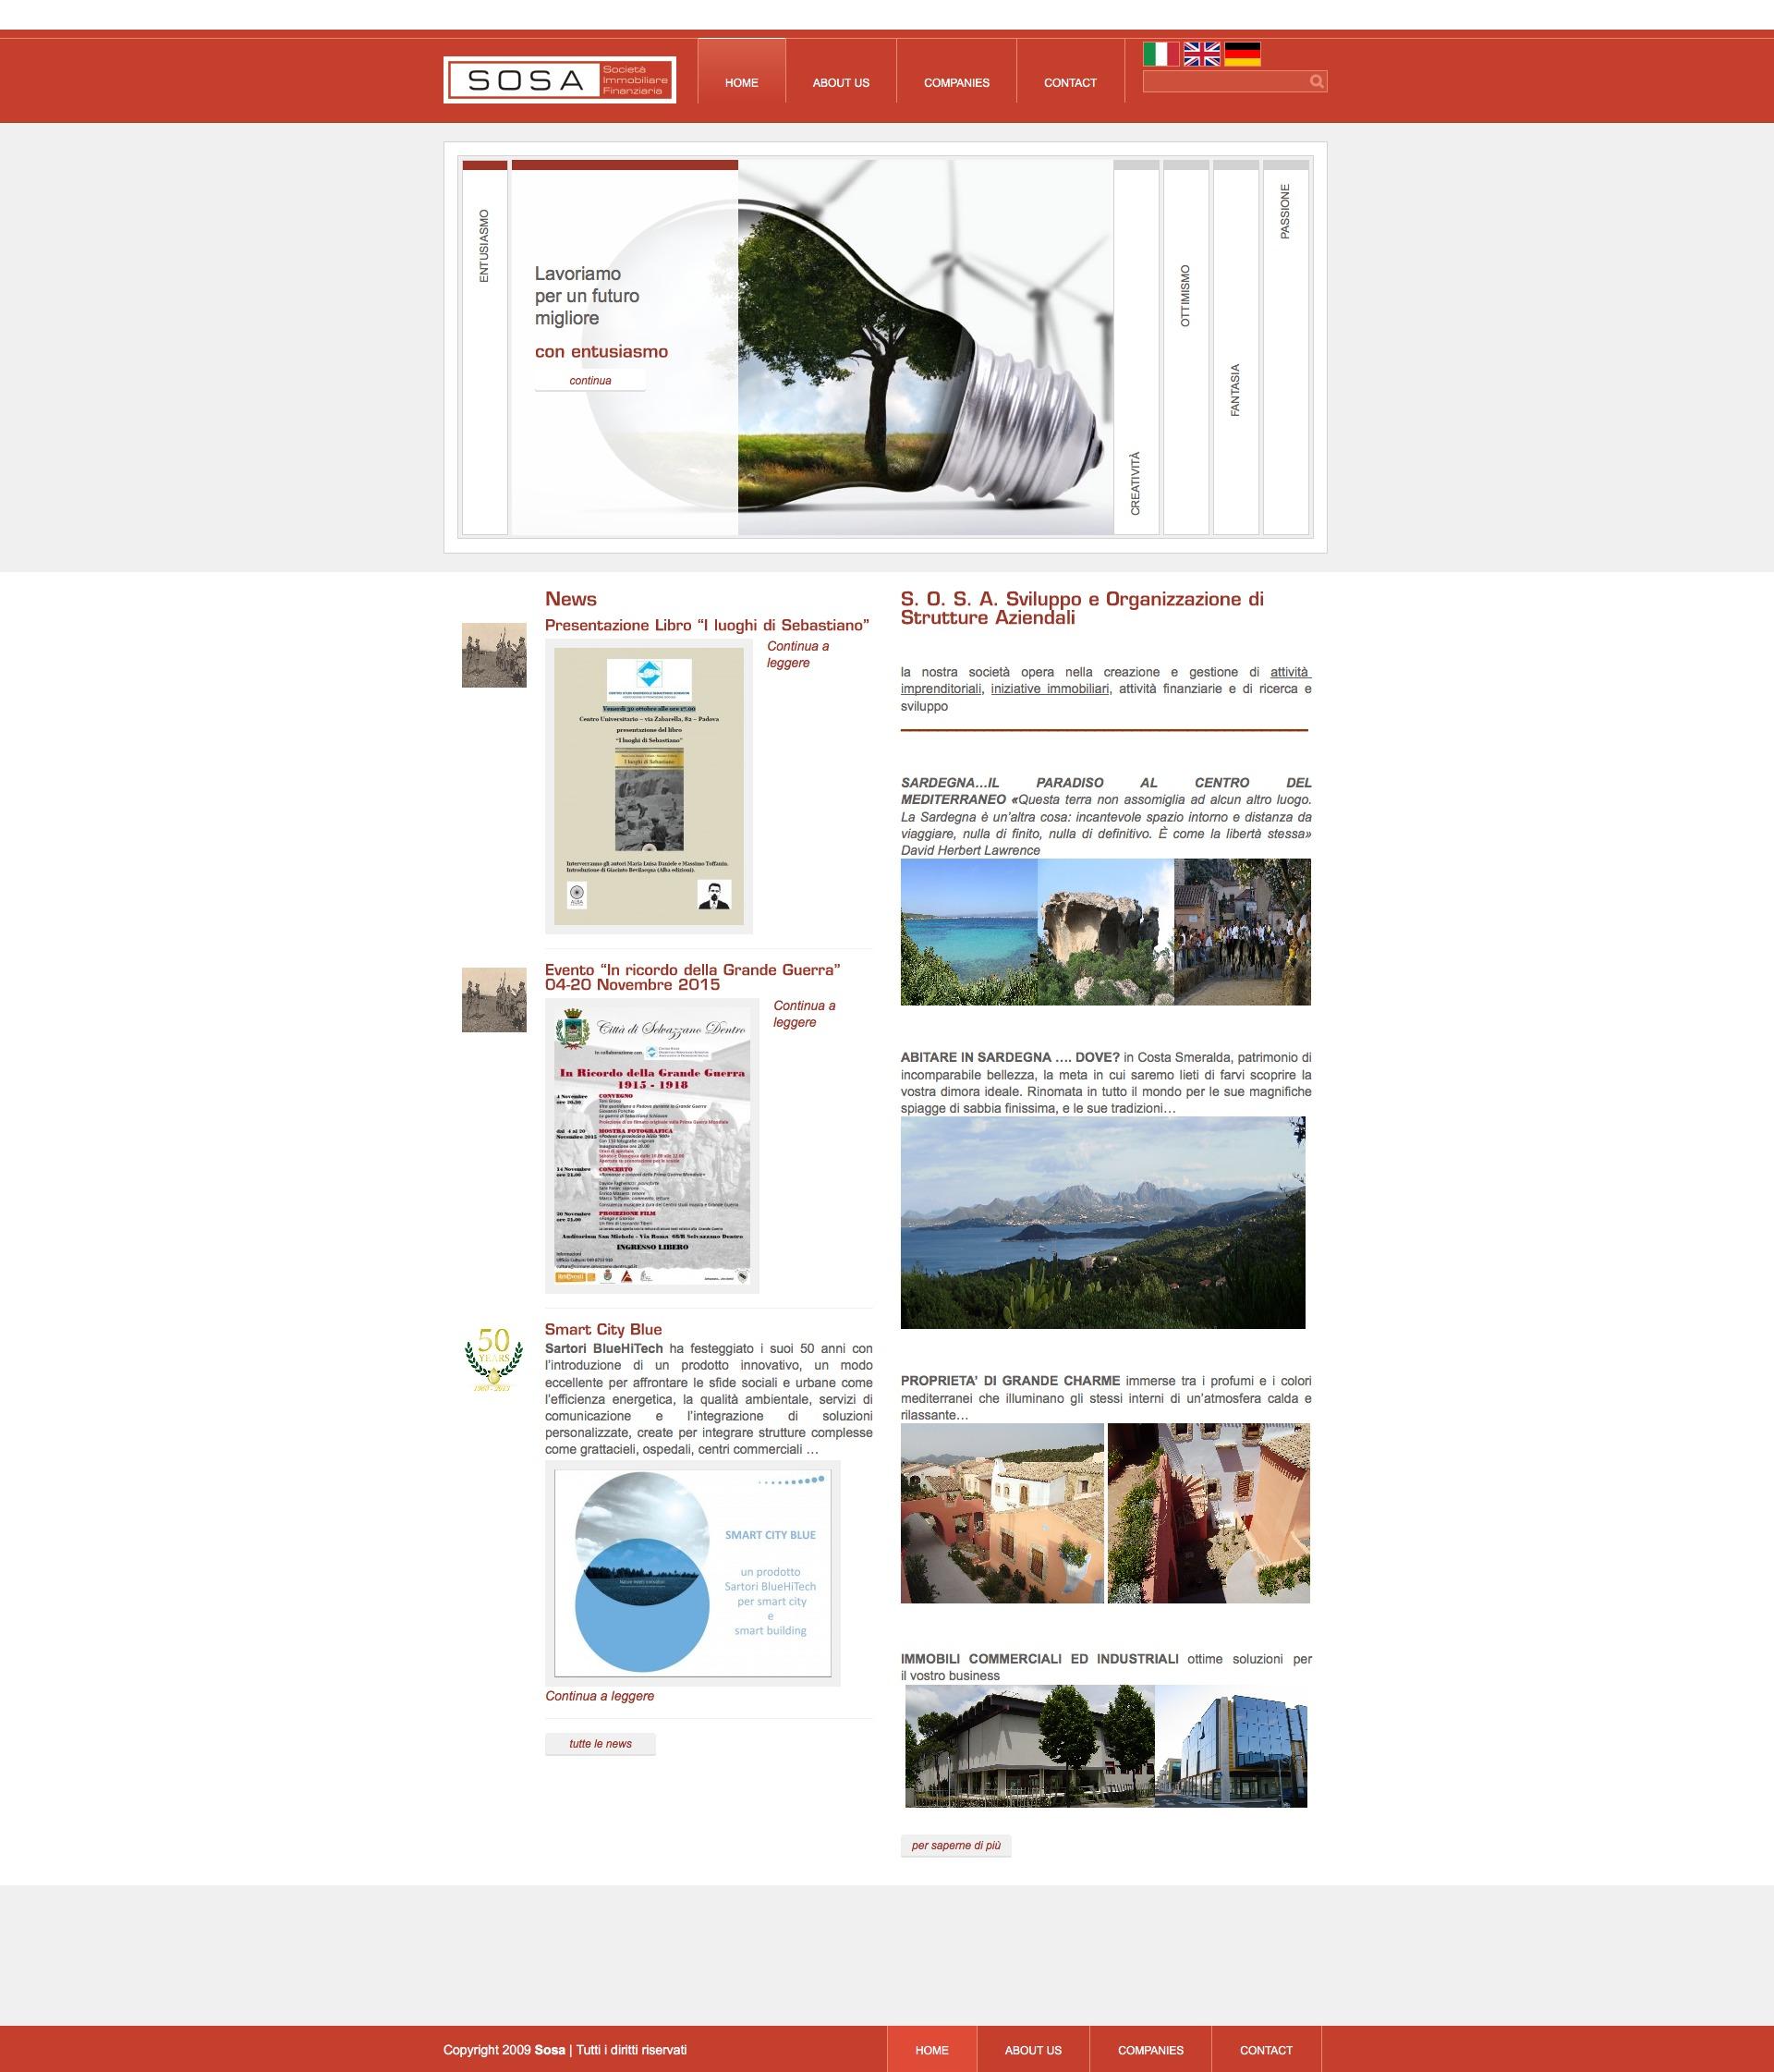 Sosa WordPress page template